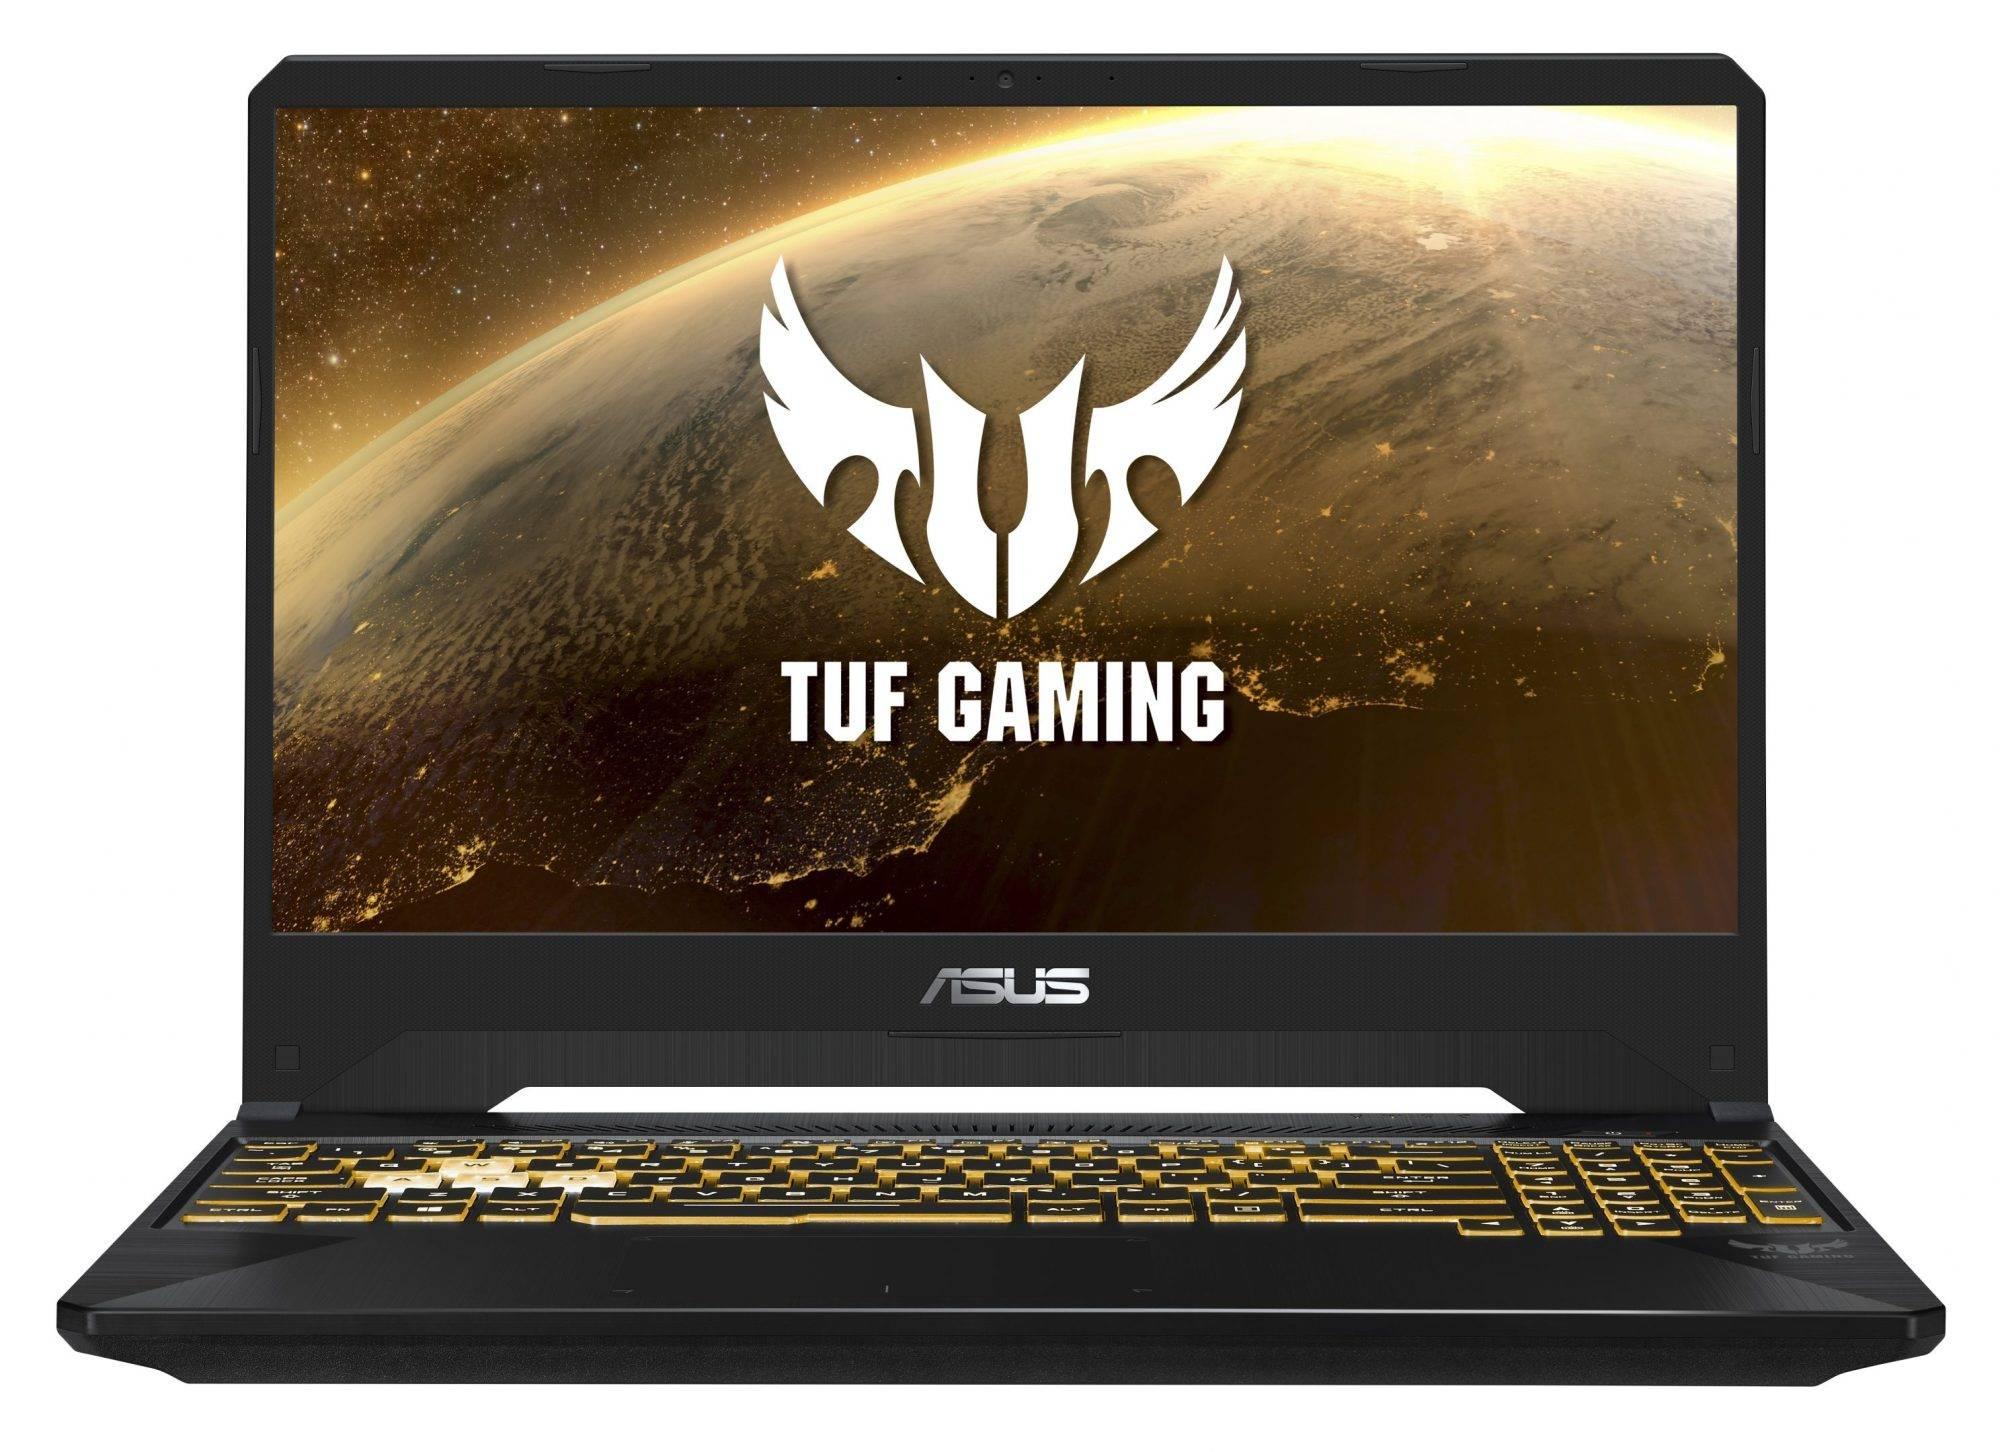 Asus presentó su notebook TUF Gaming FX505 con resistencia de grado militar